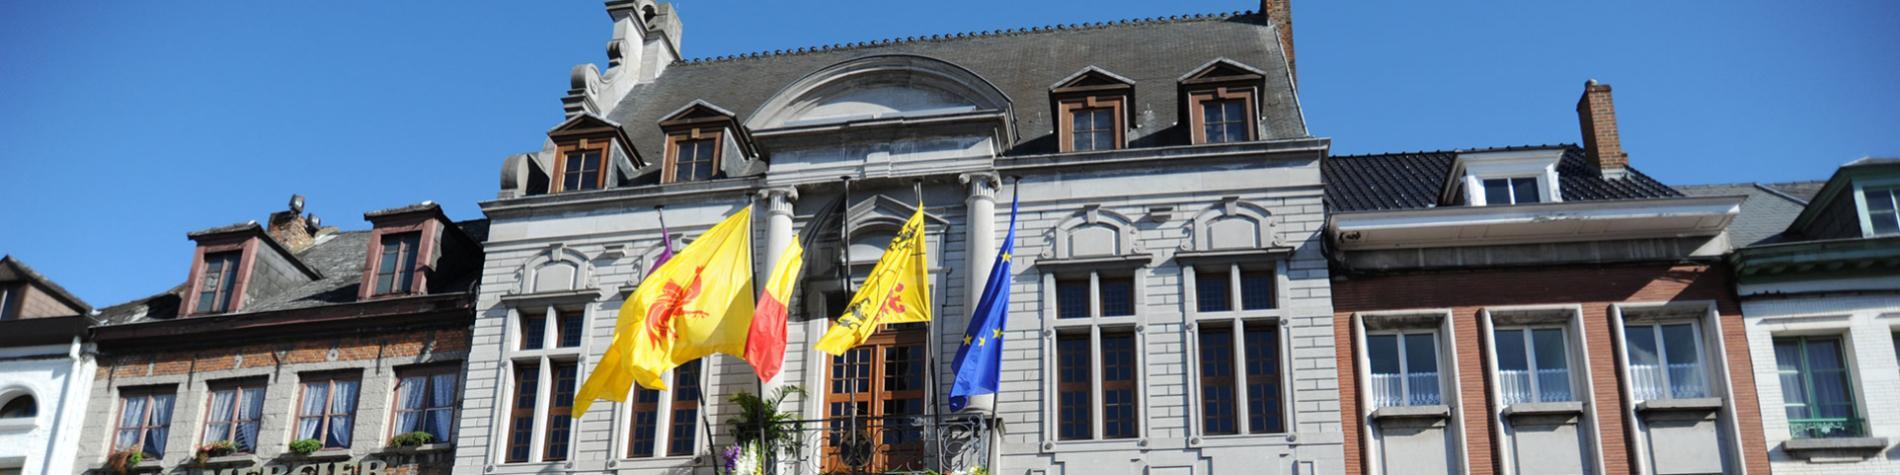 Ath - Hôtel de Ville - drapeaux - façade